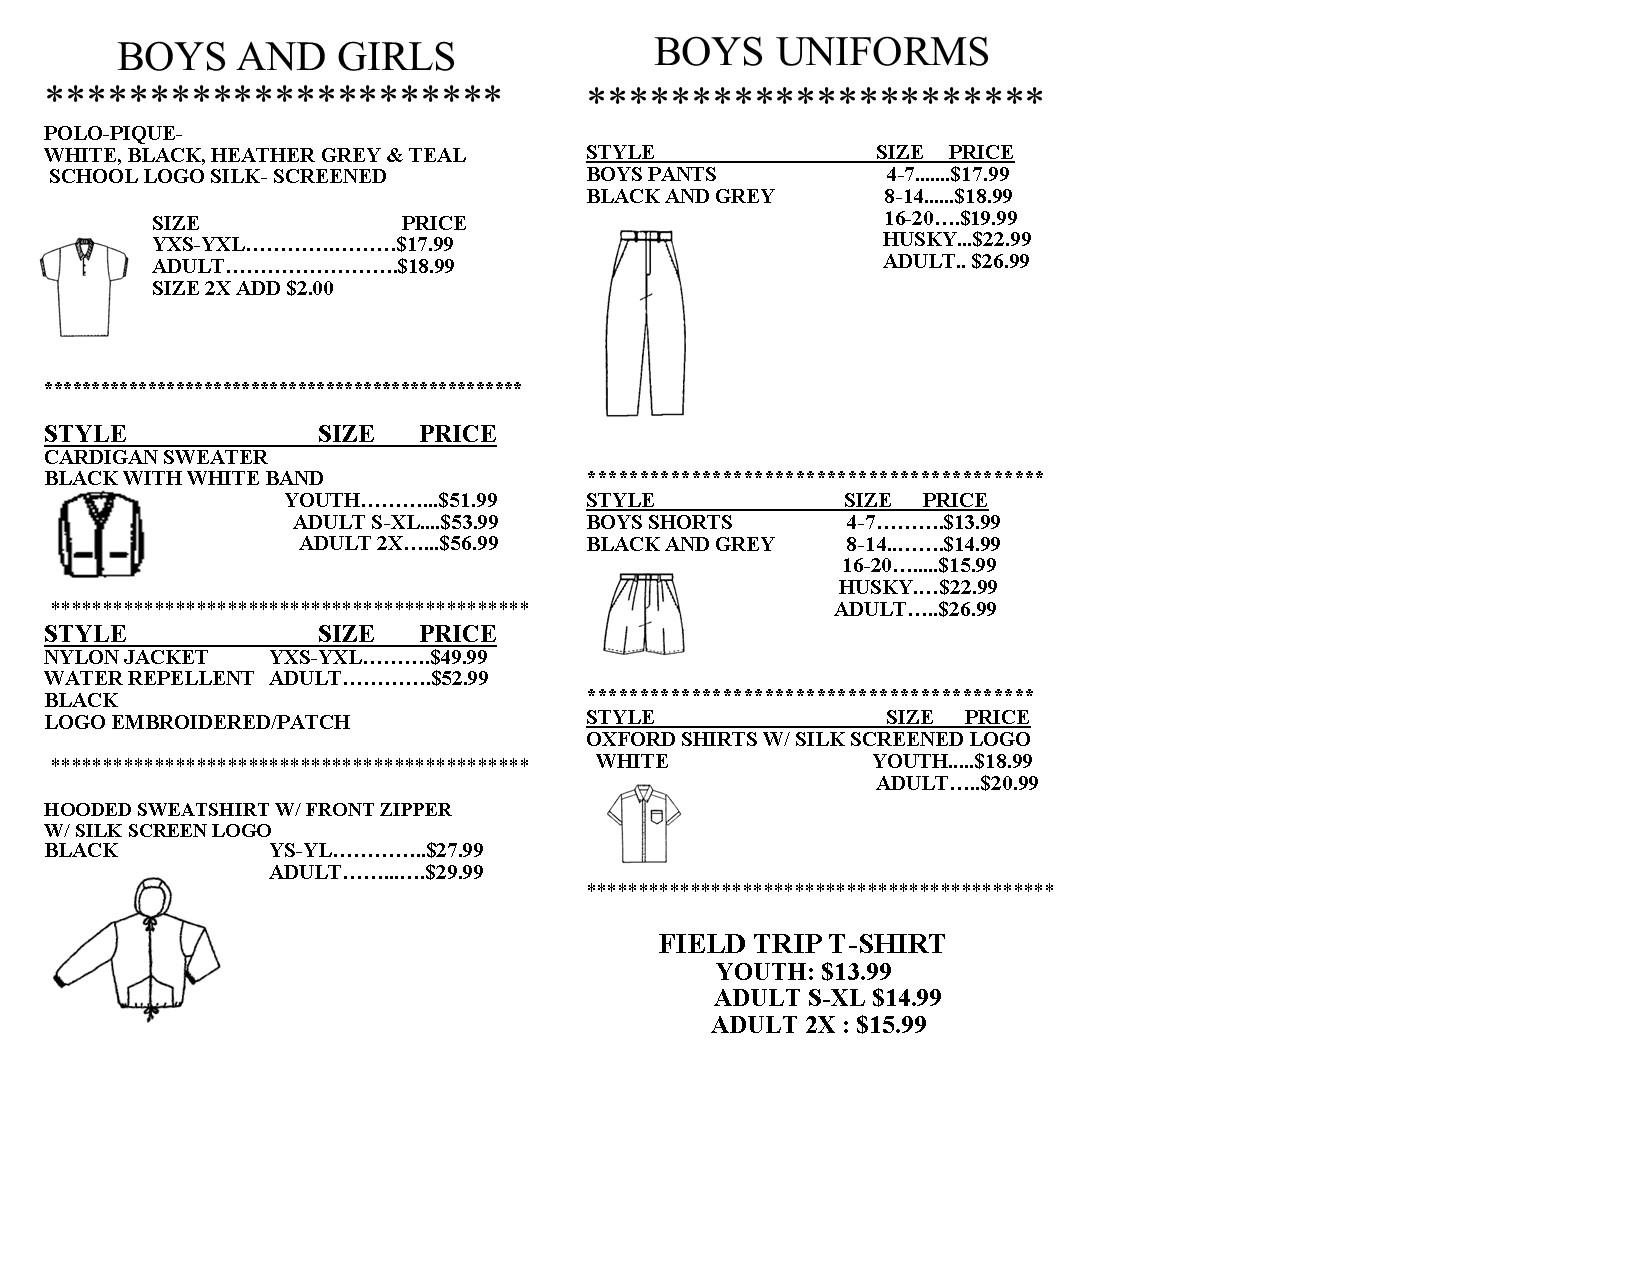 foothill-2021-22-uniform-list.jpg